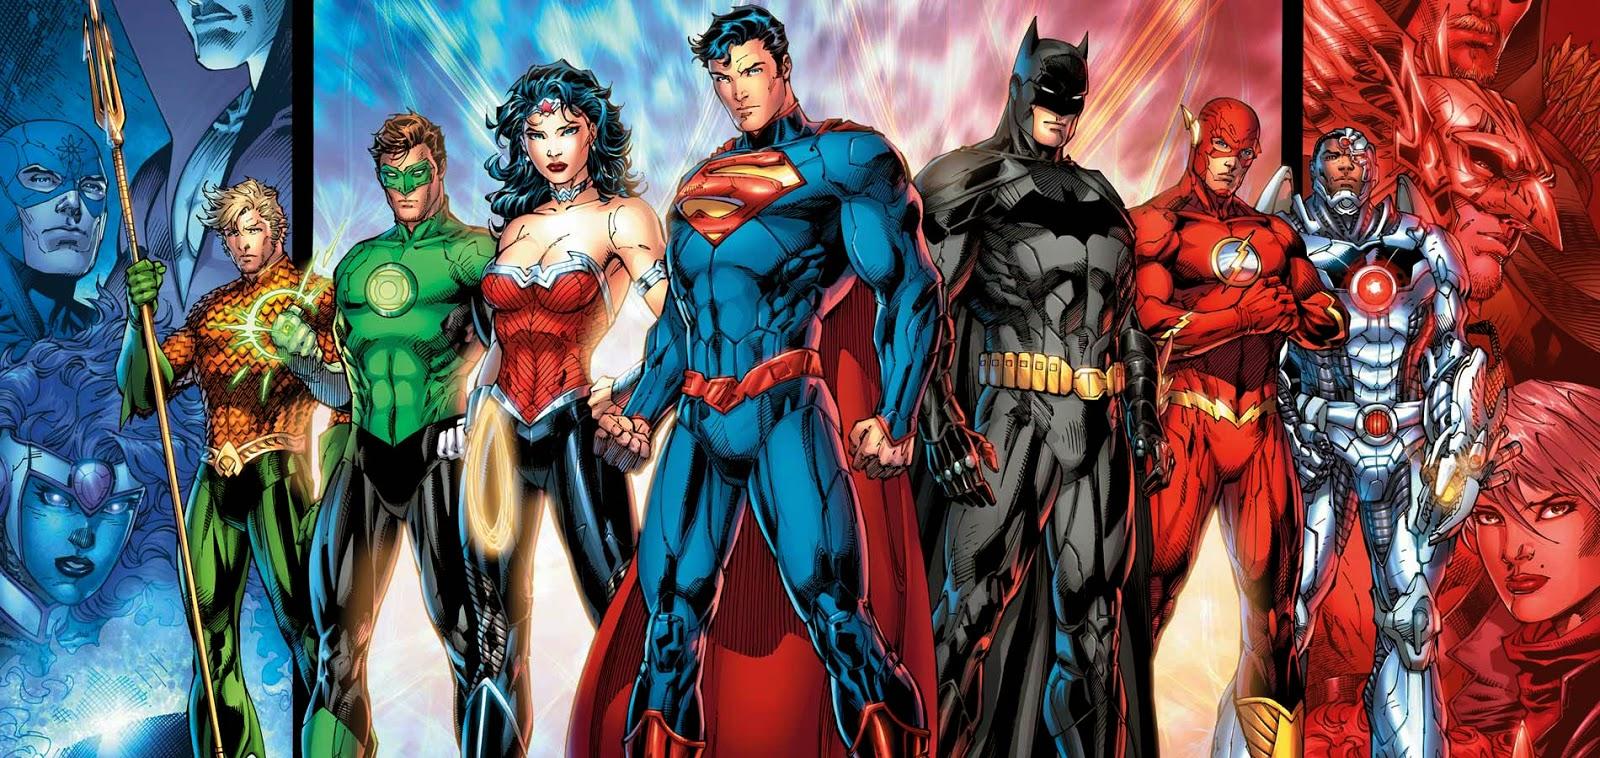 DC's Justice League lineup